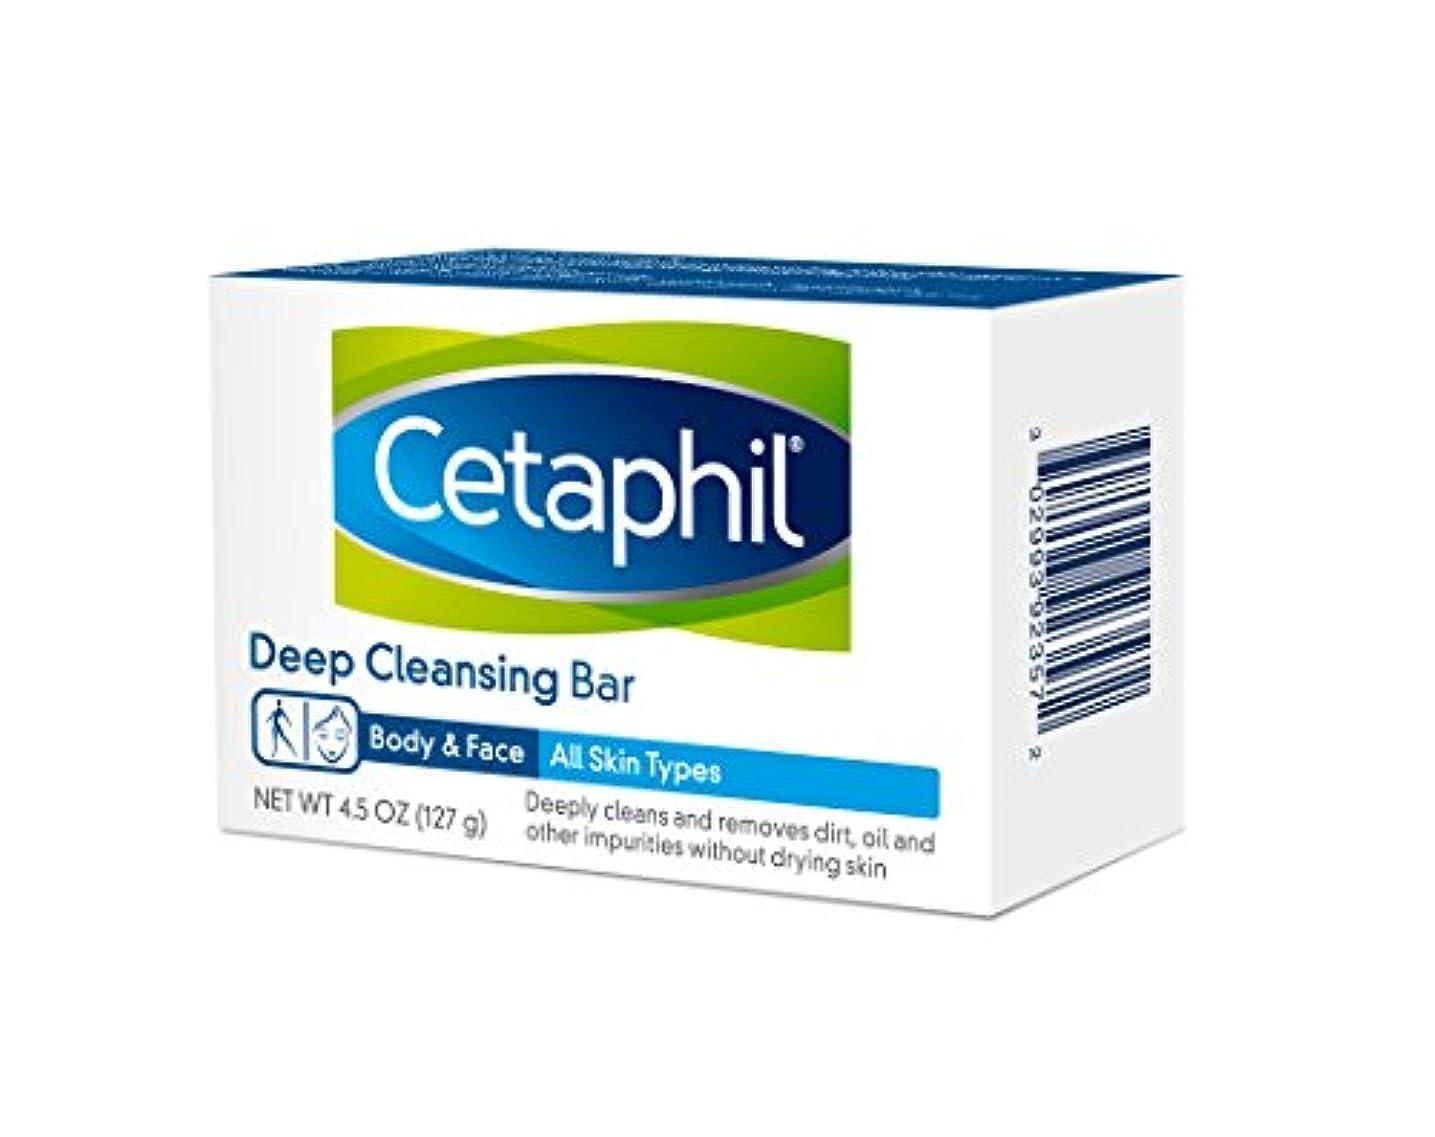 チューインガム活性化現実にはCetaphil Deep Cleansing Face Body Bar for All Skin Types 127g×6個セット 並行輸入品